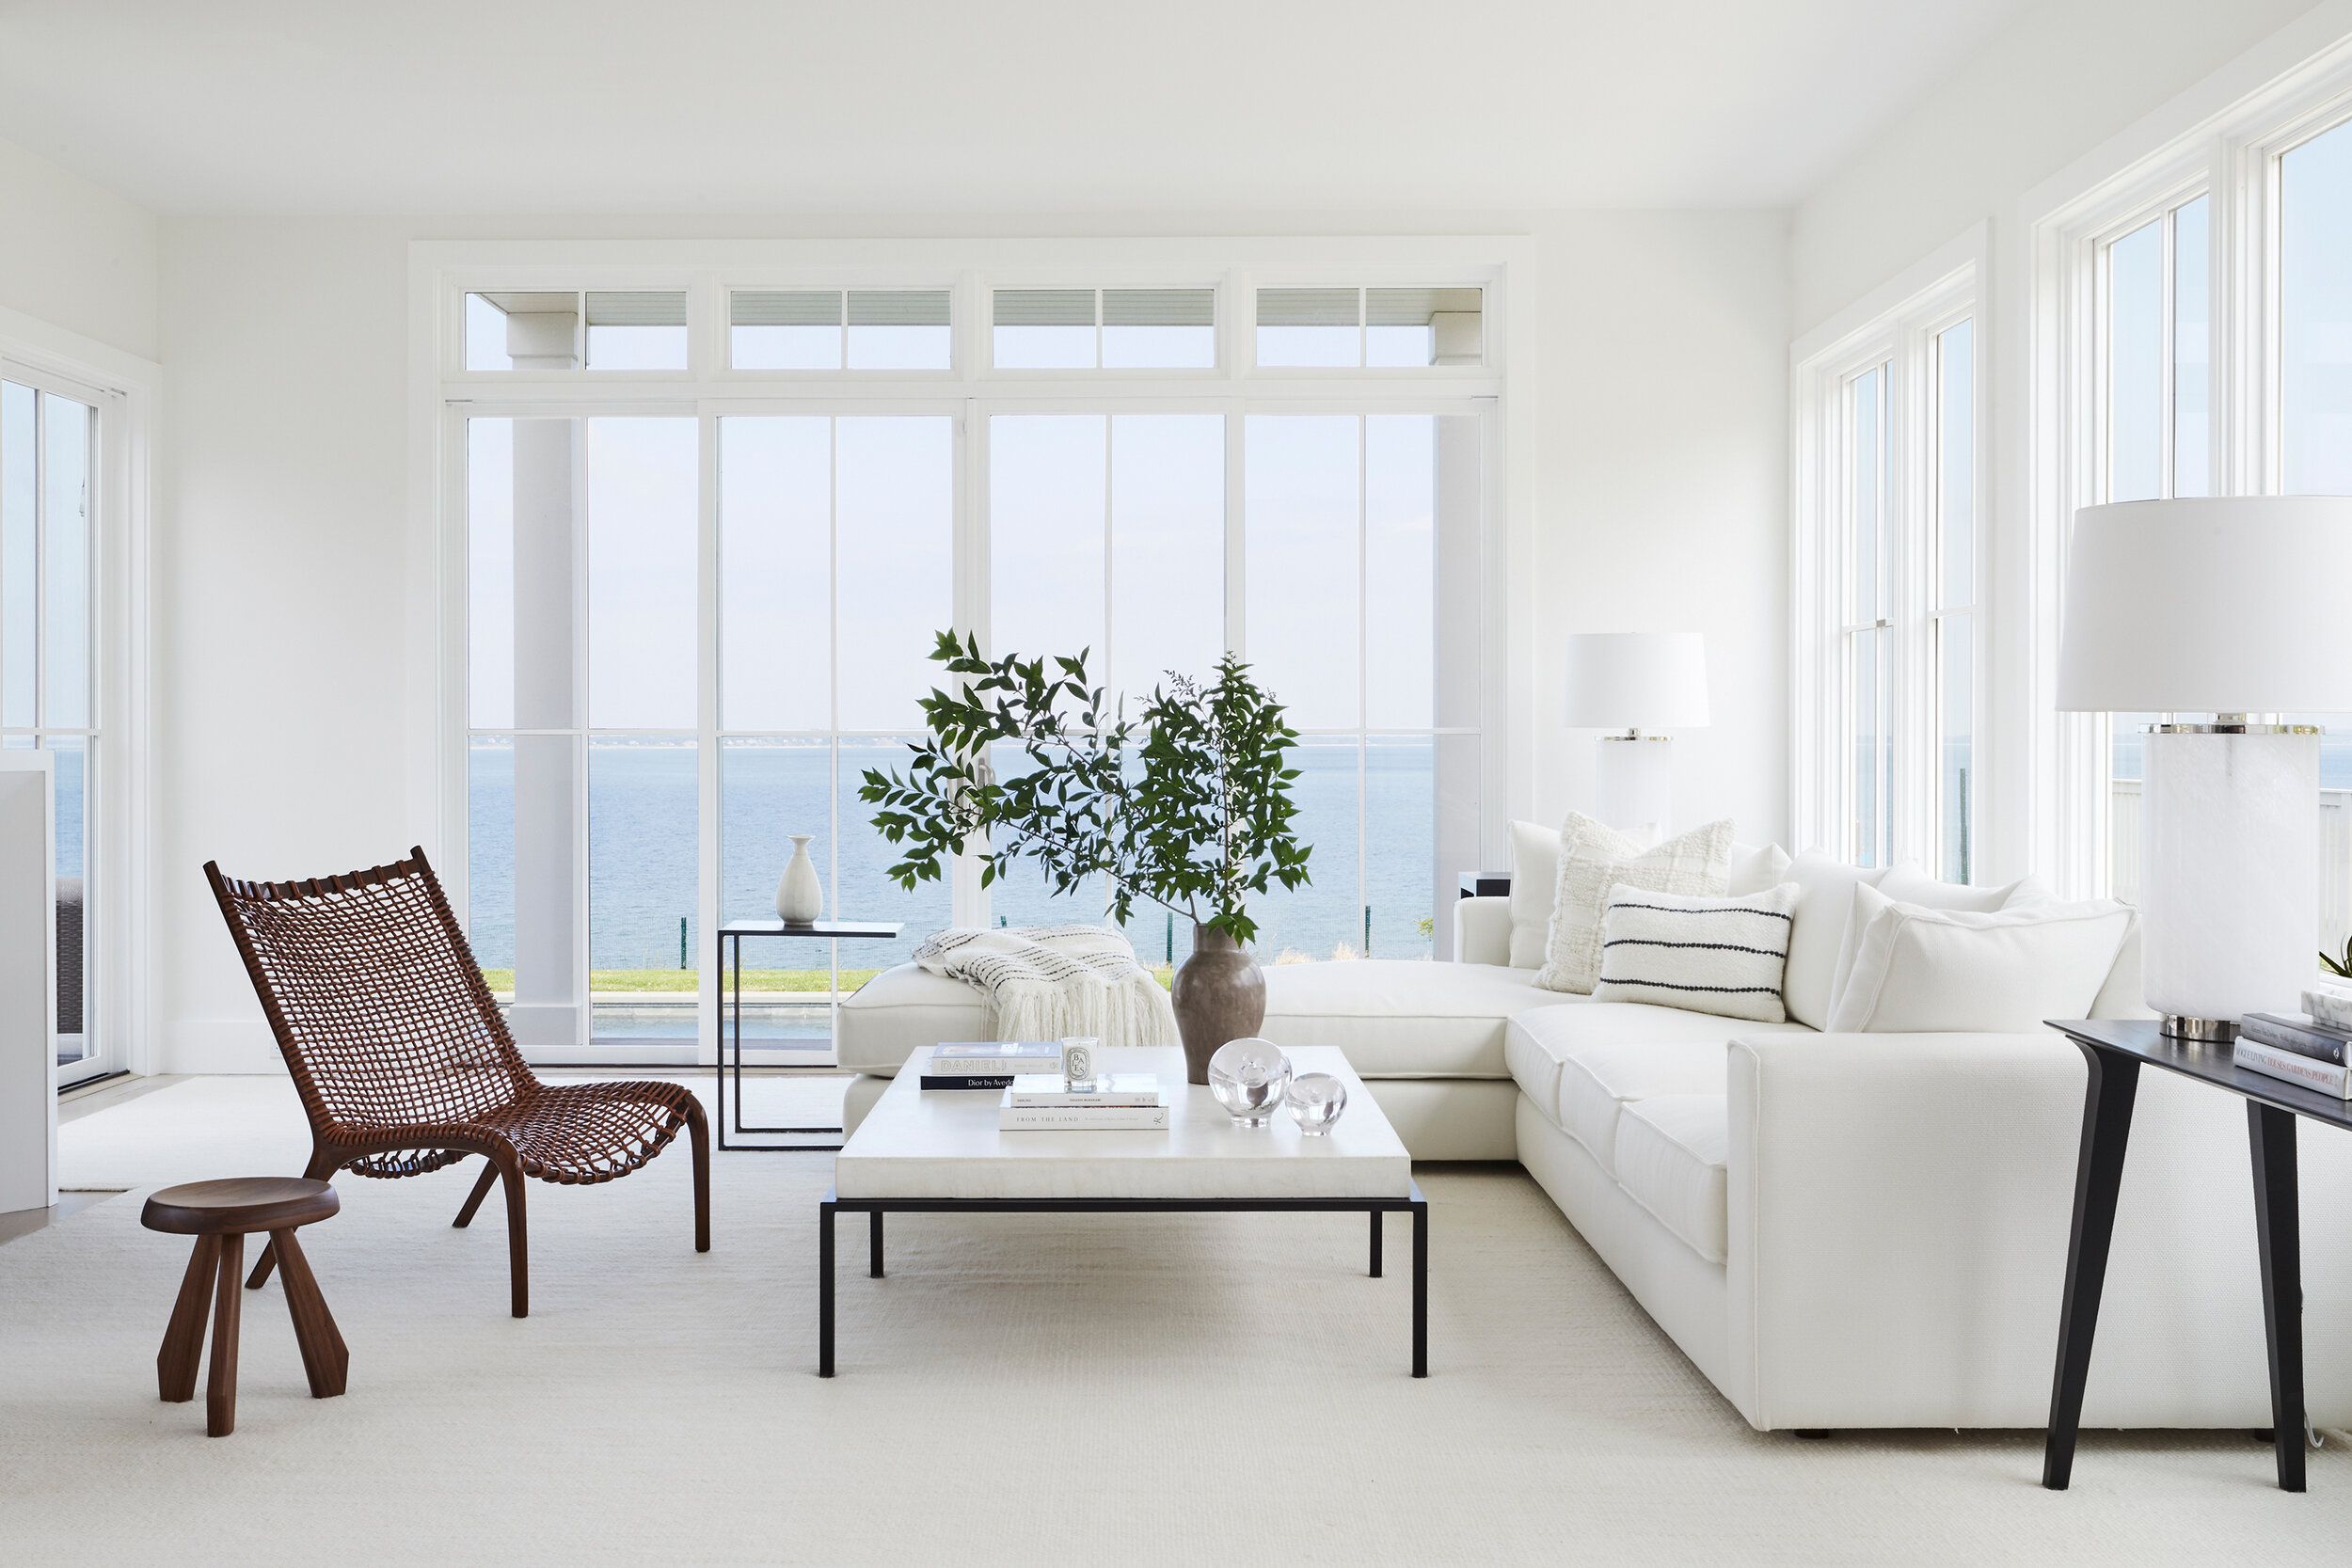 Clearview_Living_Room_019.jpg